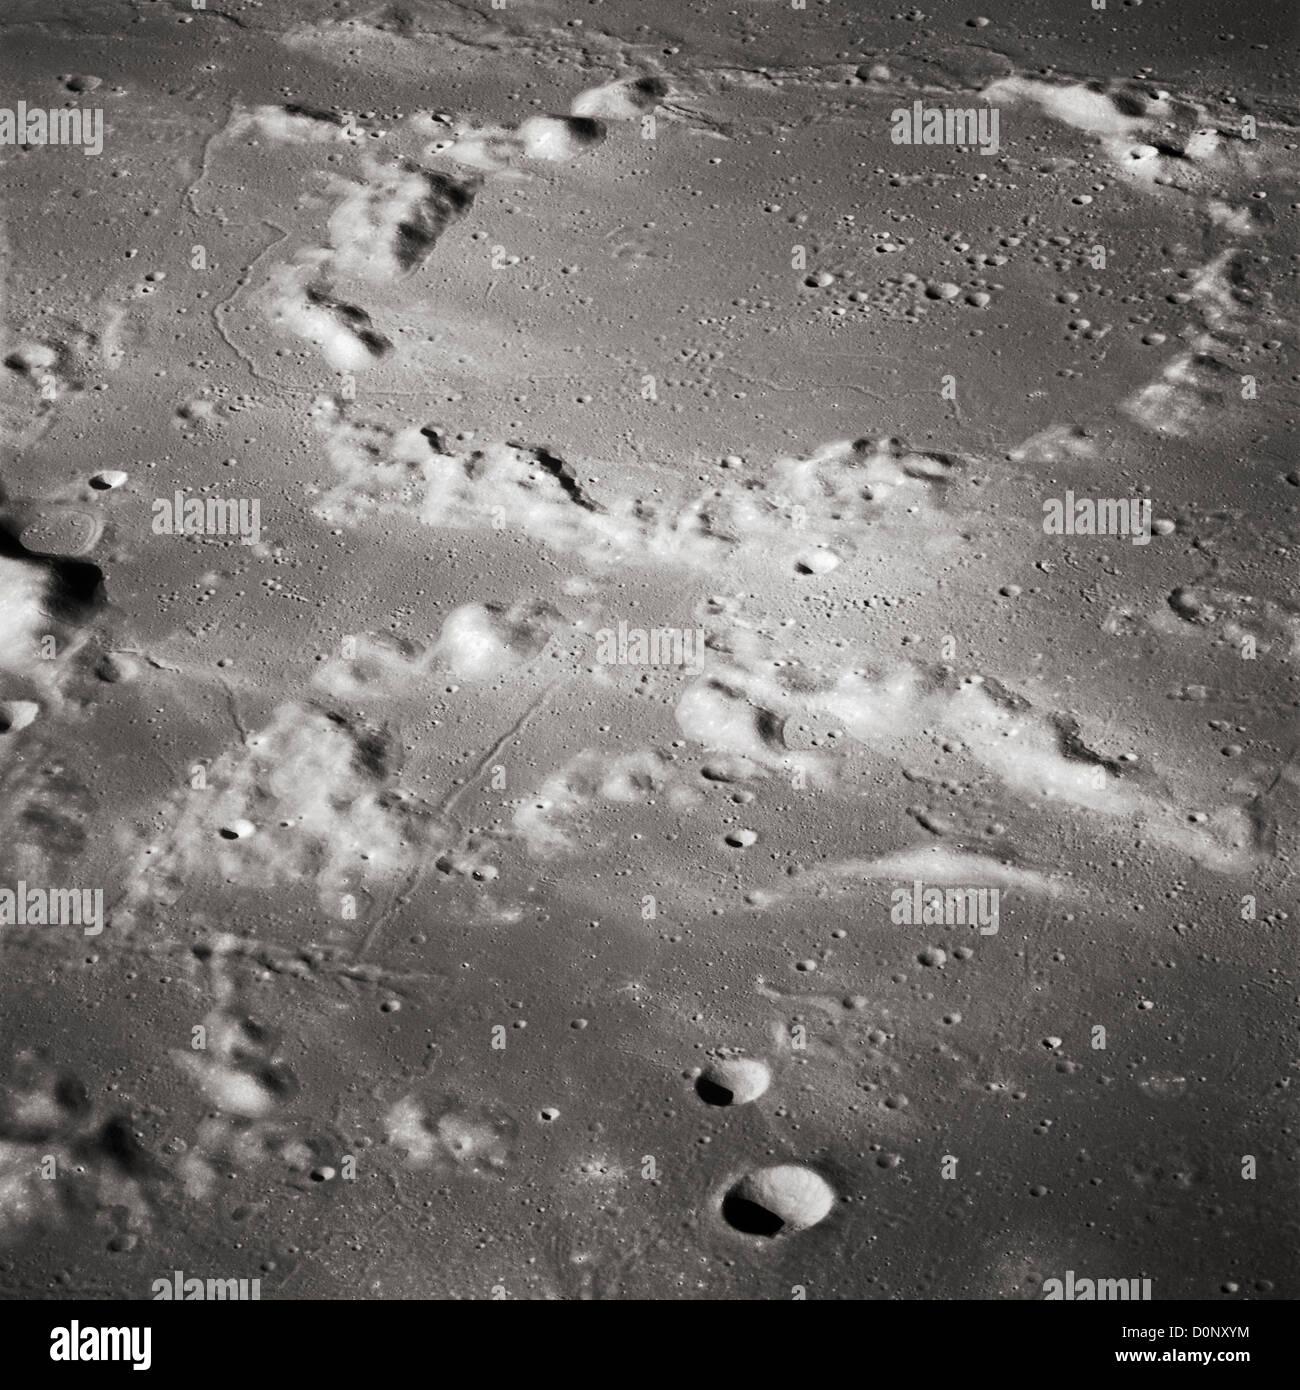 Apollo 16 - antichi crateri della luna Immagini Stock